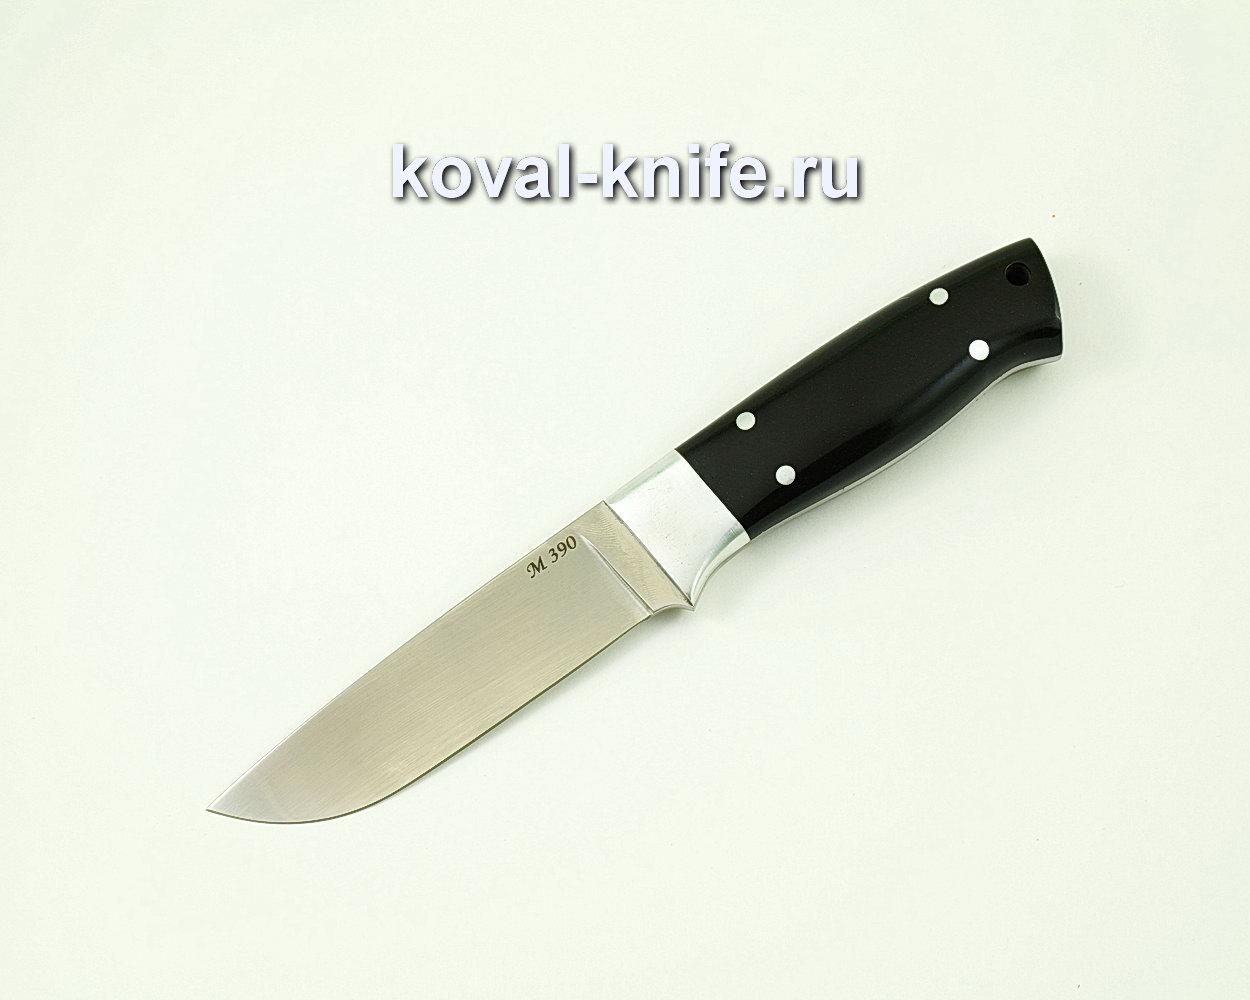 Нож Белка из порошковой стали M390 (рукоять эбонит) A391